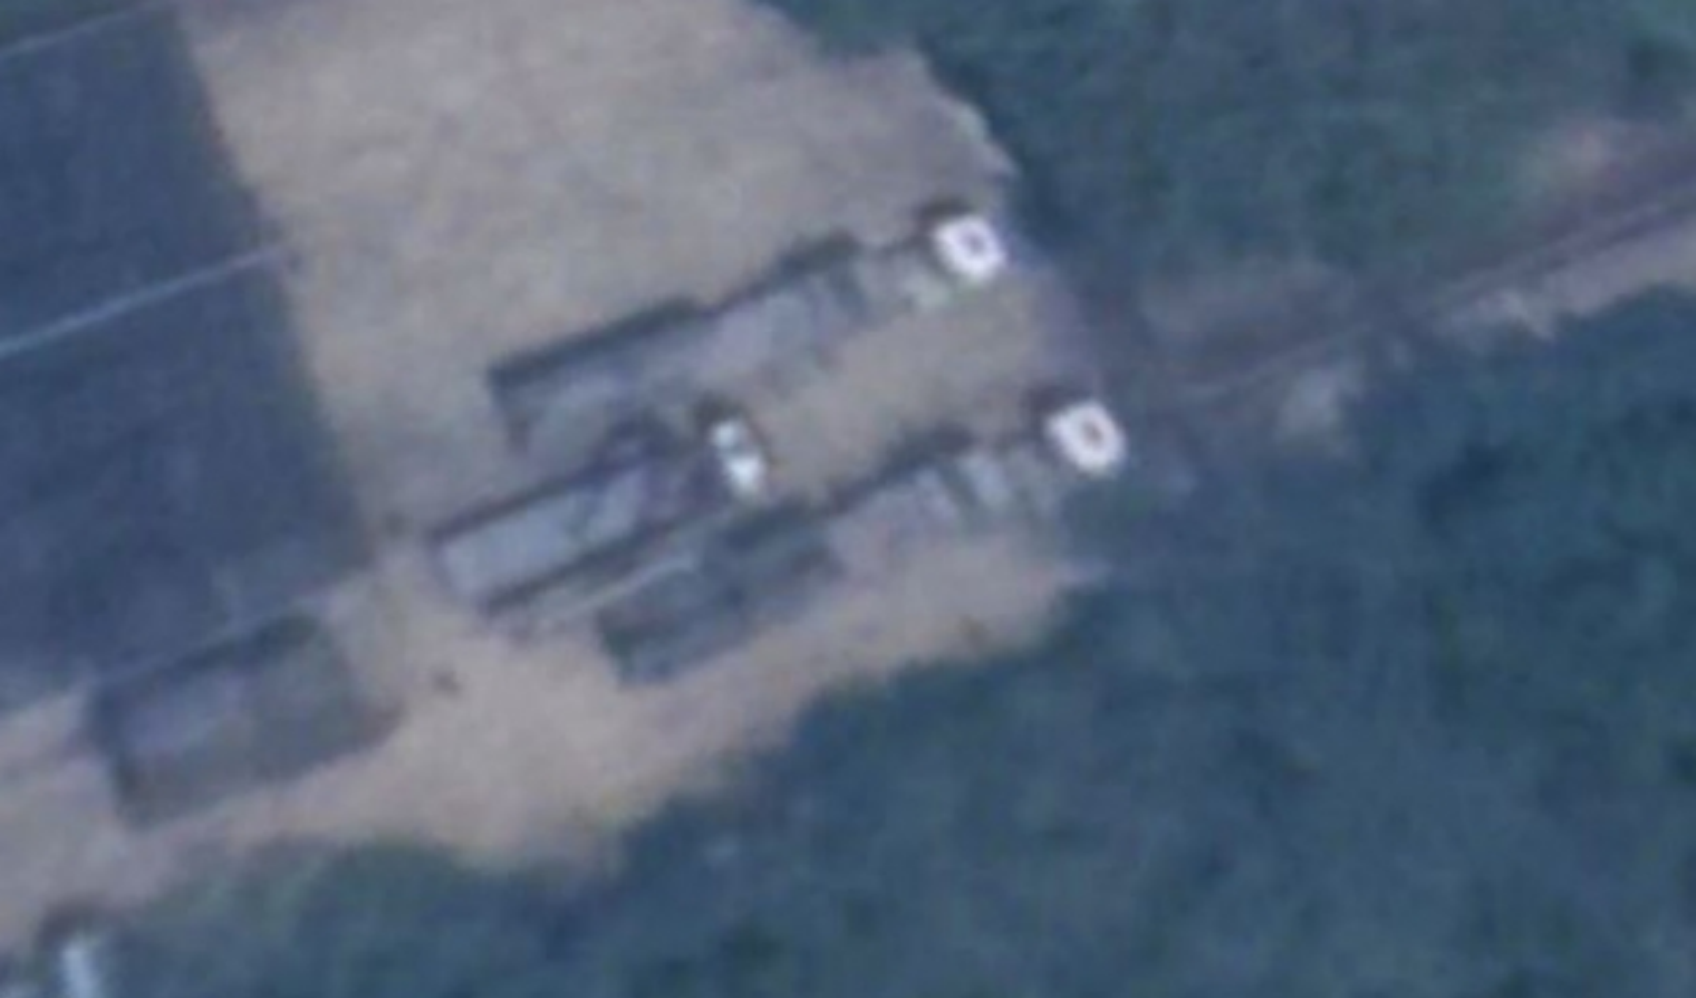 Kanwa Defense Review publie une image satellite du missile de croisière d'attaque terrestre Hsiung Feng IIE positionné en direction de la Chine continentale